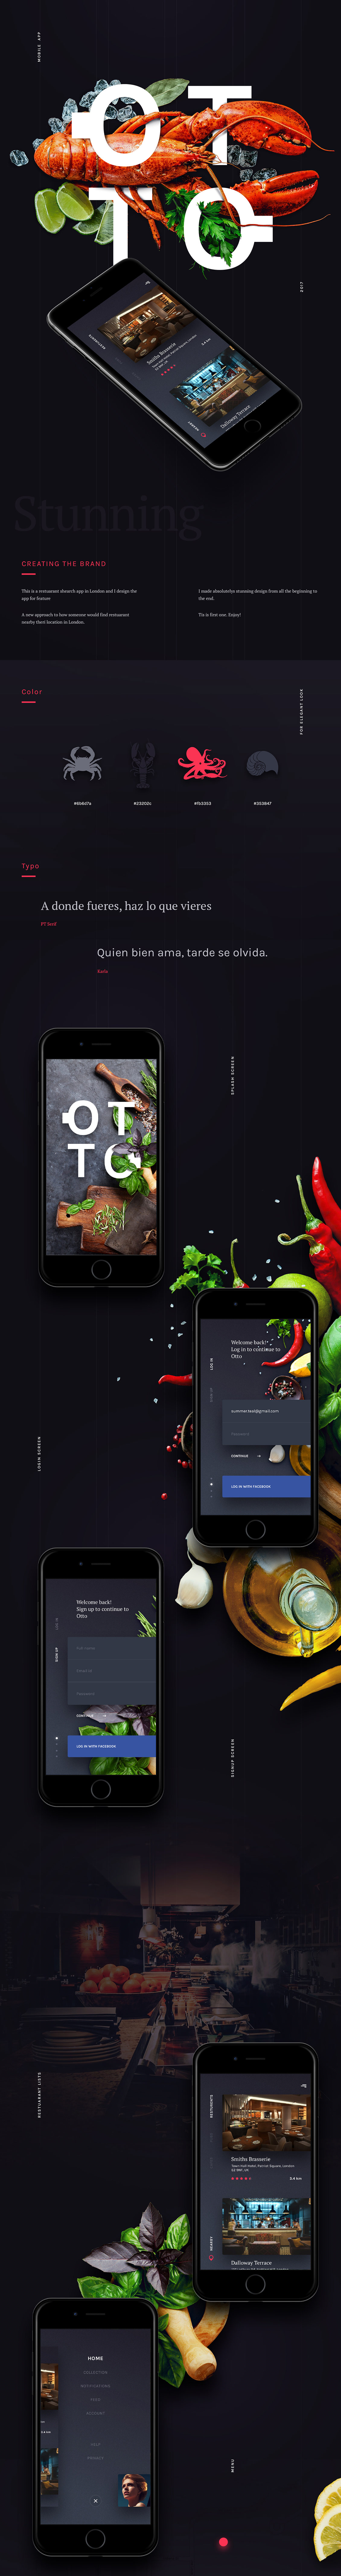 Otto餐厅美食APP手机包装设计